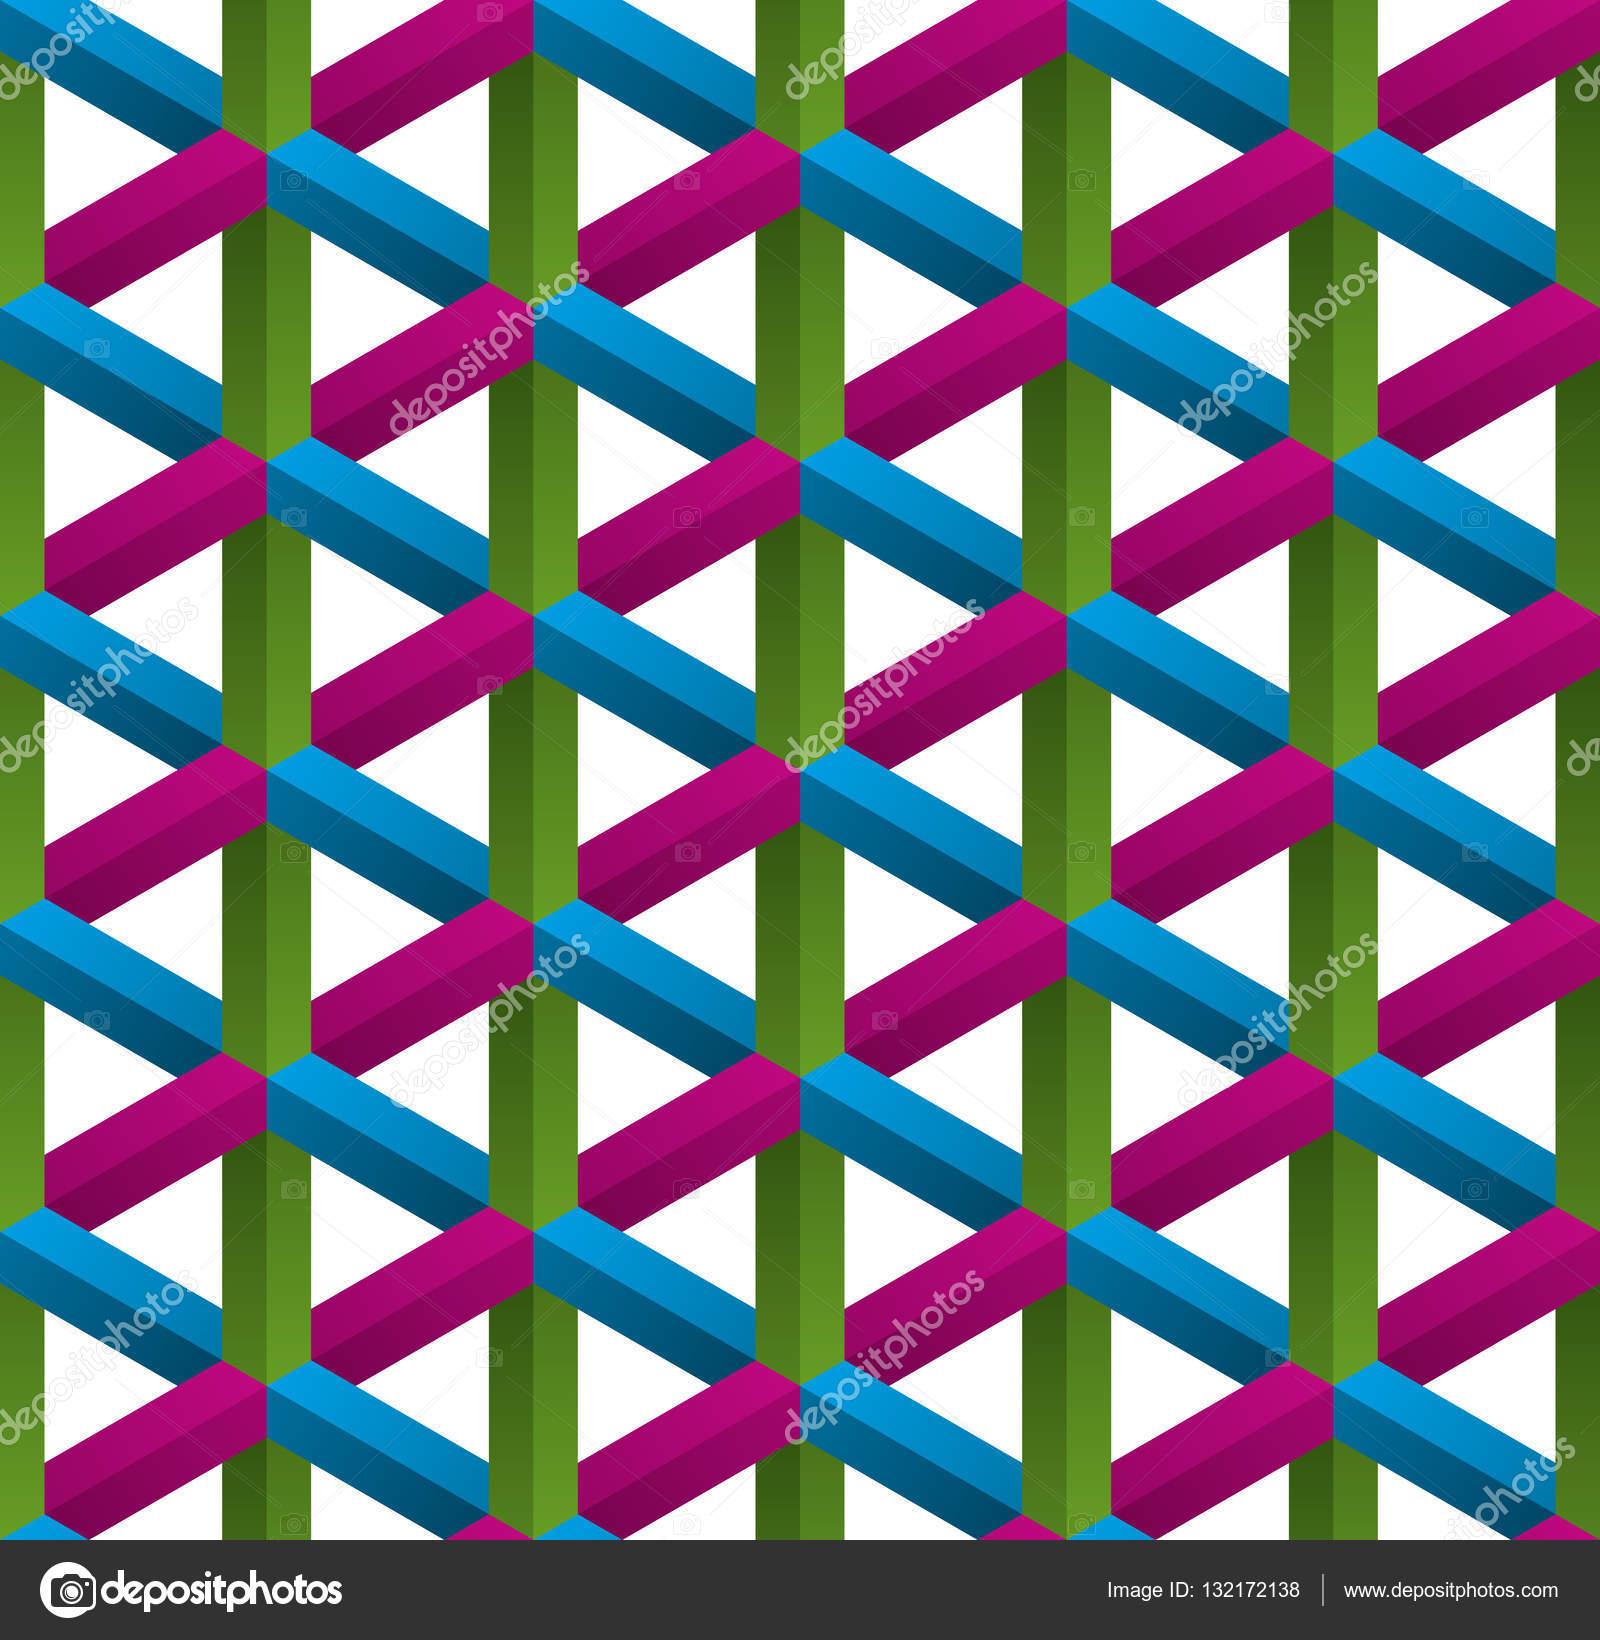 Fotos Ilusiones Opticas 3d Isometrico De Patrones Sin